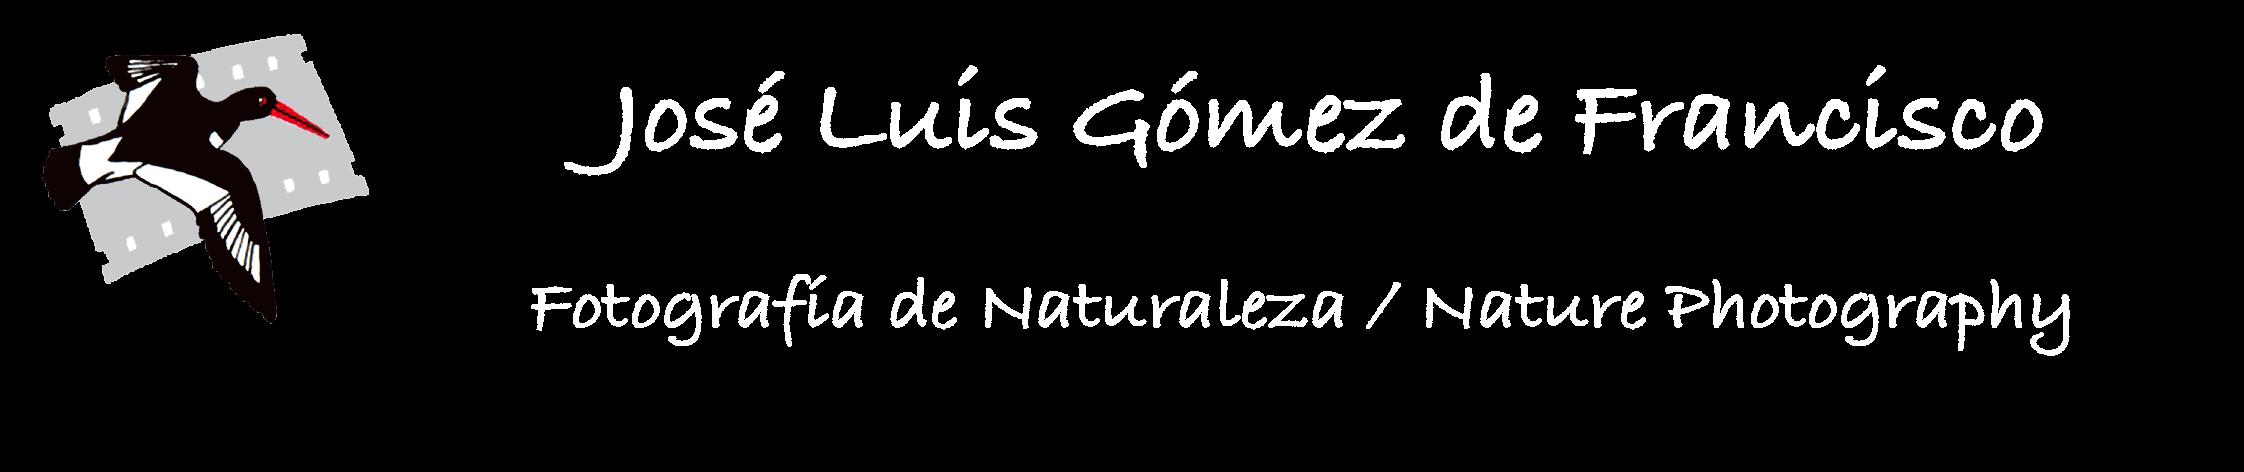 José Luis Gómez de Francisco - Fotografía de la Naturaleza / Nature photography